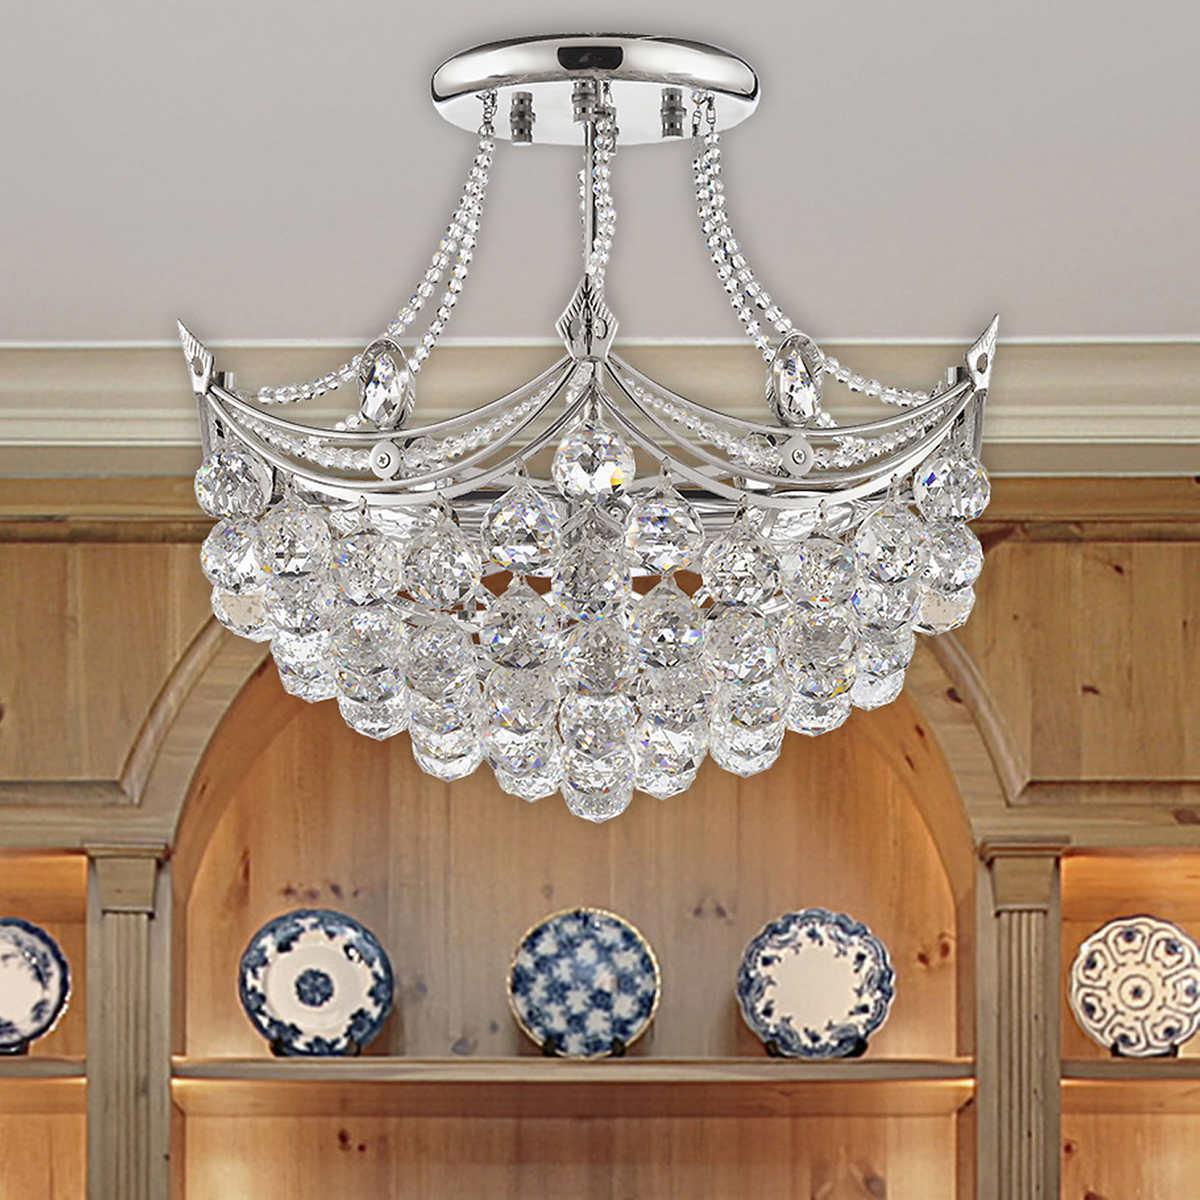 costco chandeliers  chandeliers design, Lighting ideas